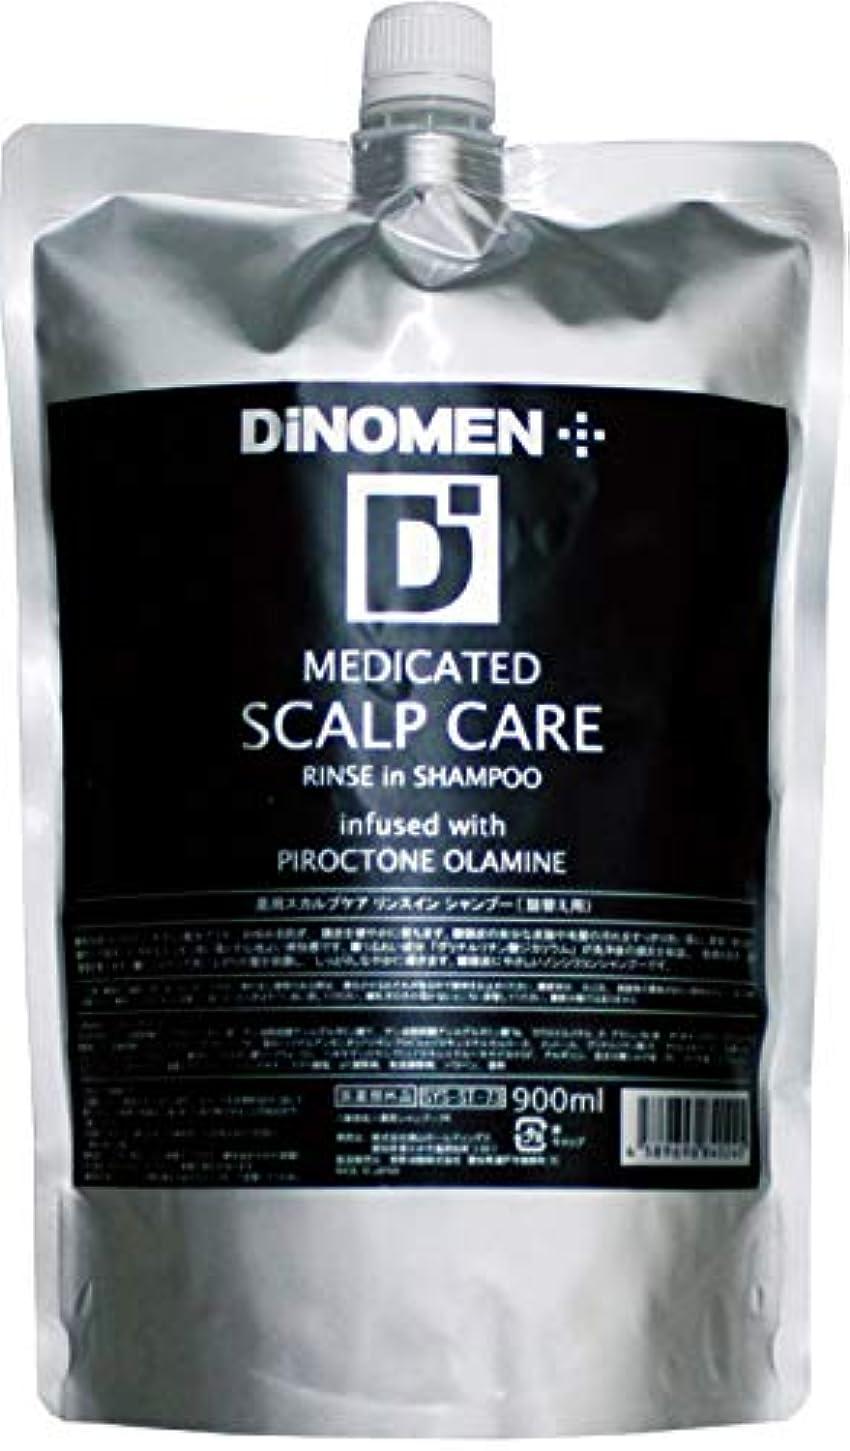 肉腫刃つかいますディノメン(DiNOMEN) DiNOMEN 薬用スカルプケアリンスインシャンプー 詰め替え用 900ml